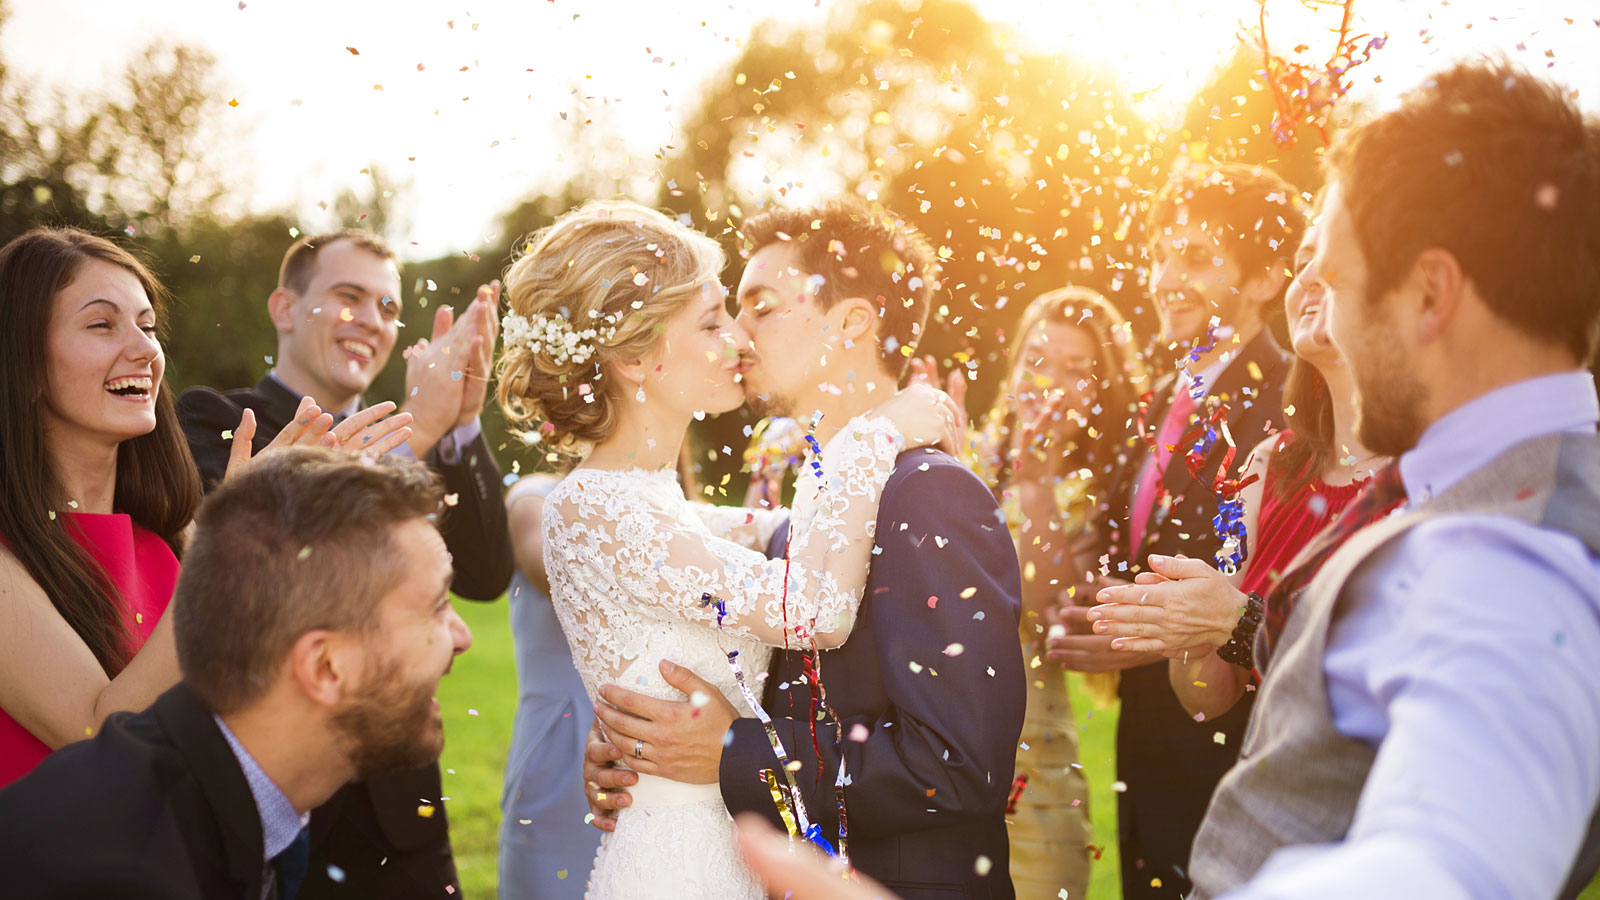 Hochzeitsinspiration –  Tipps, Tricks und Ideen rund um den besonderen Tag cover image